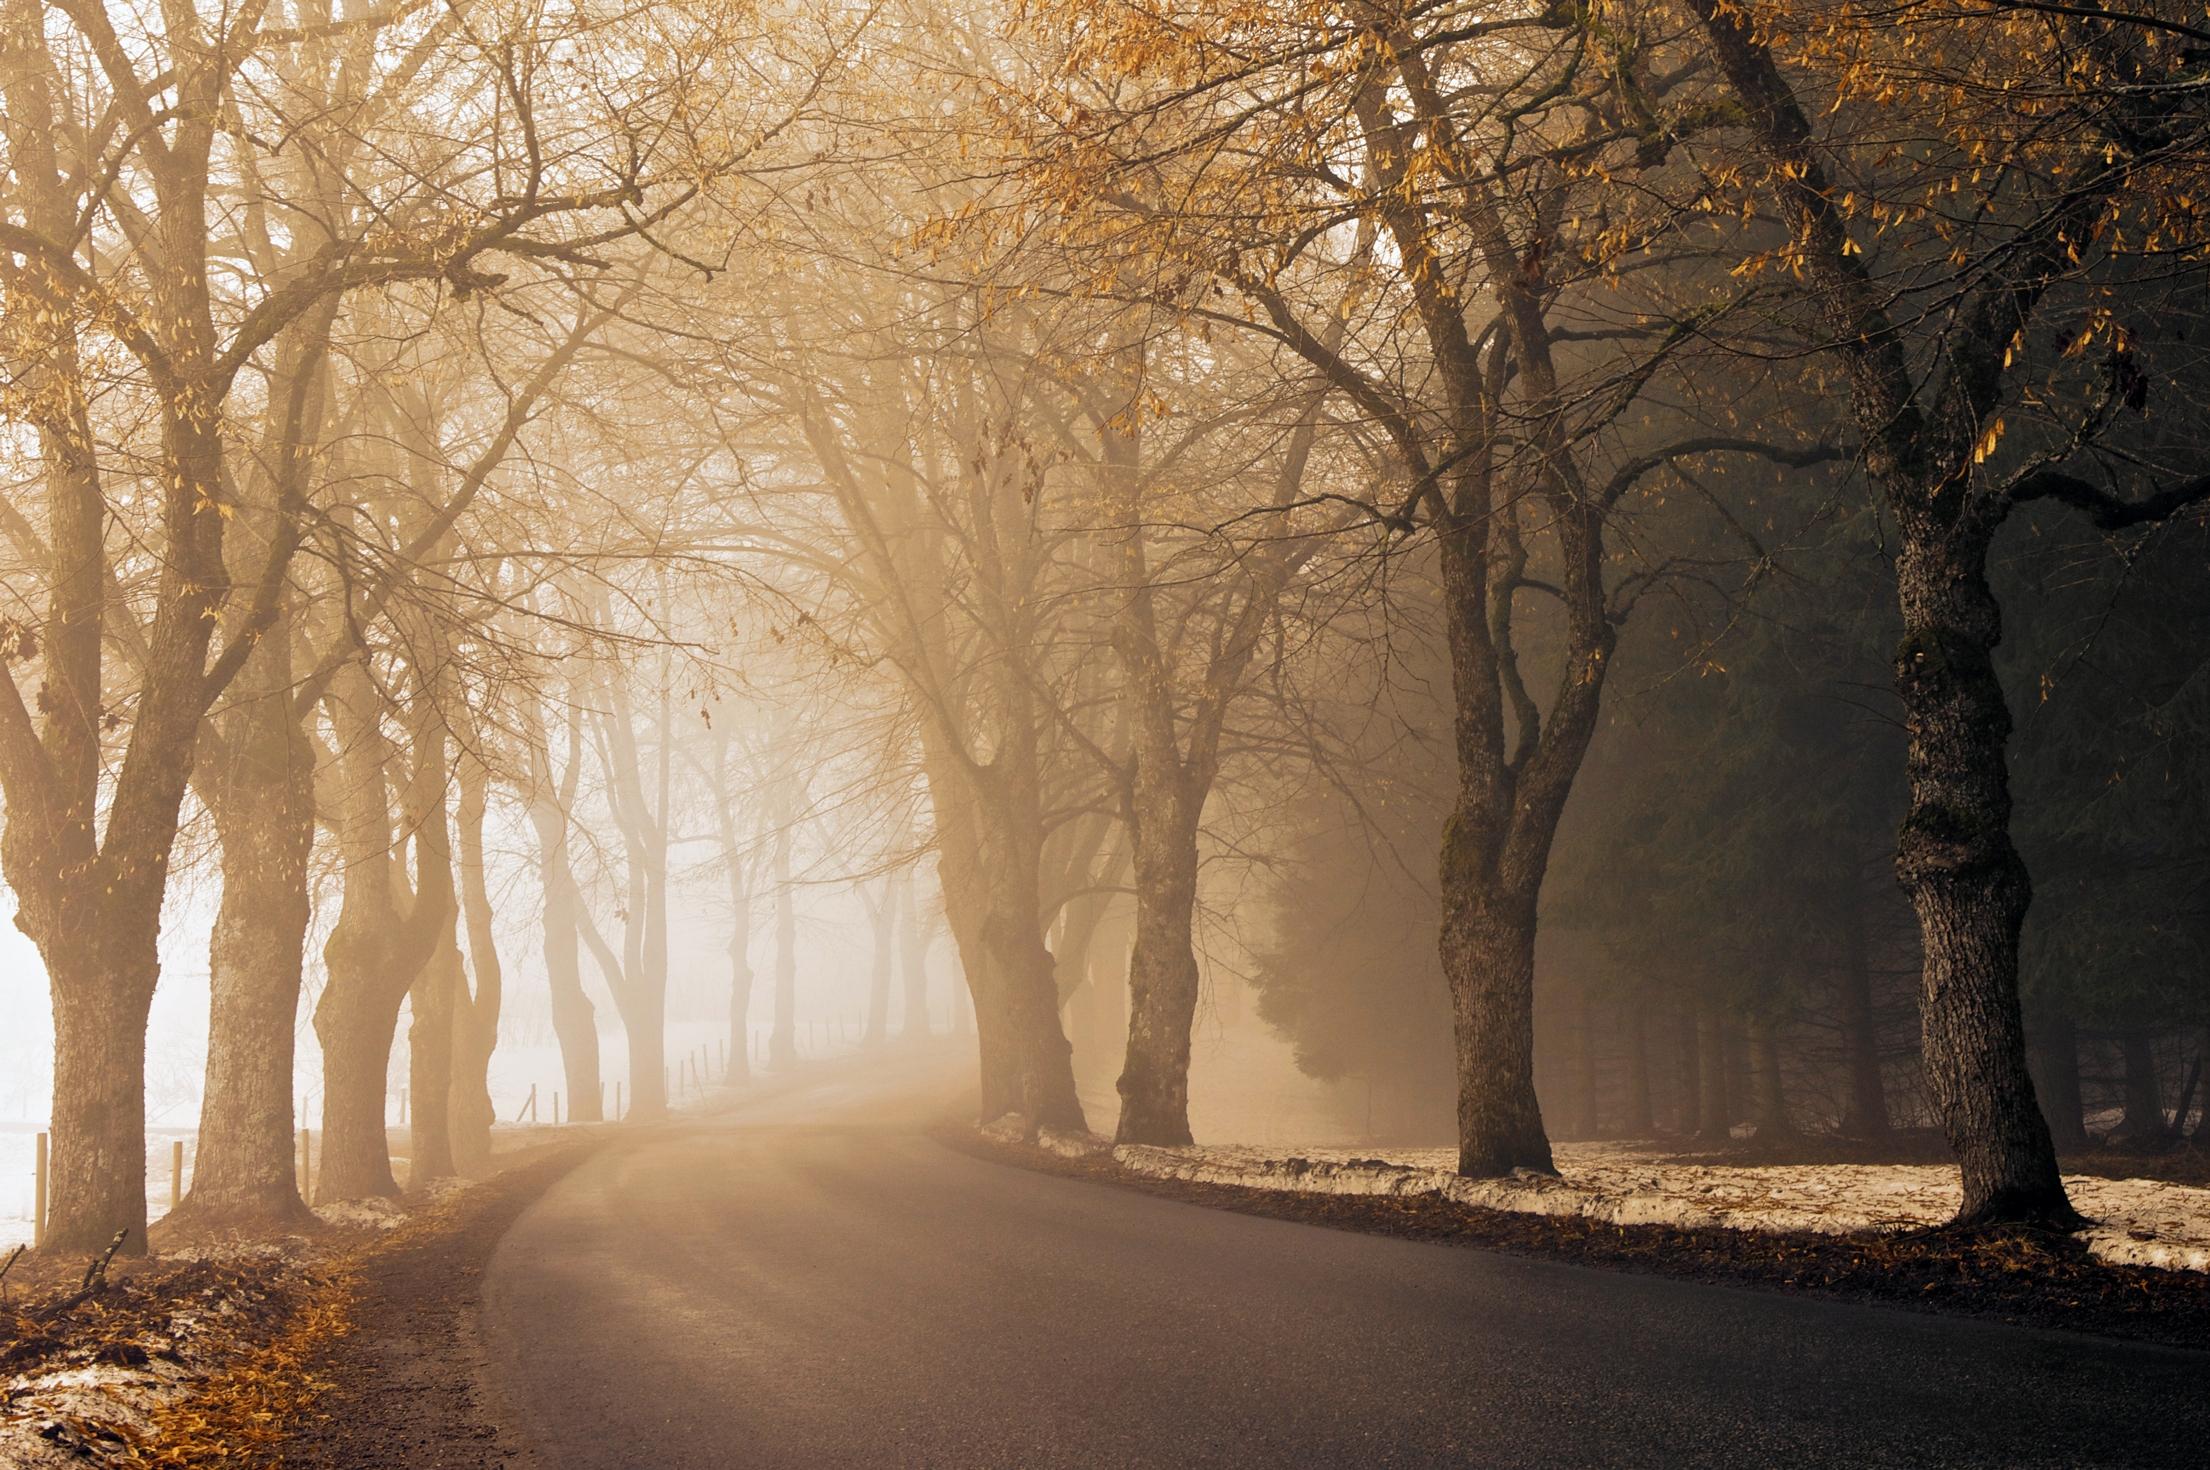 132594 скачать обои Асфальт, Природа, Осень, Дорога, Поворот, Туман, Аллея, Утро, Мгла - заставки и картинки бесплатно